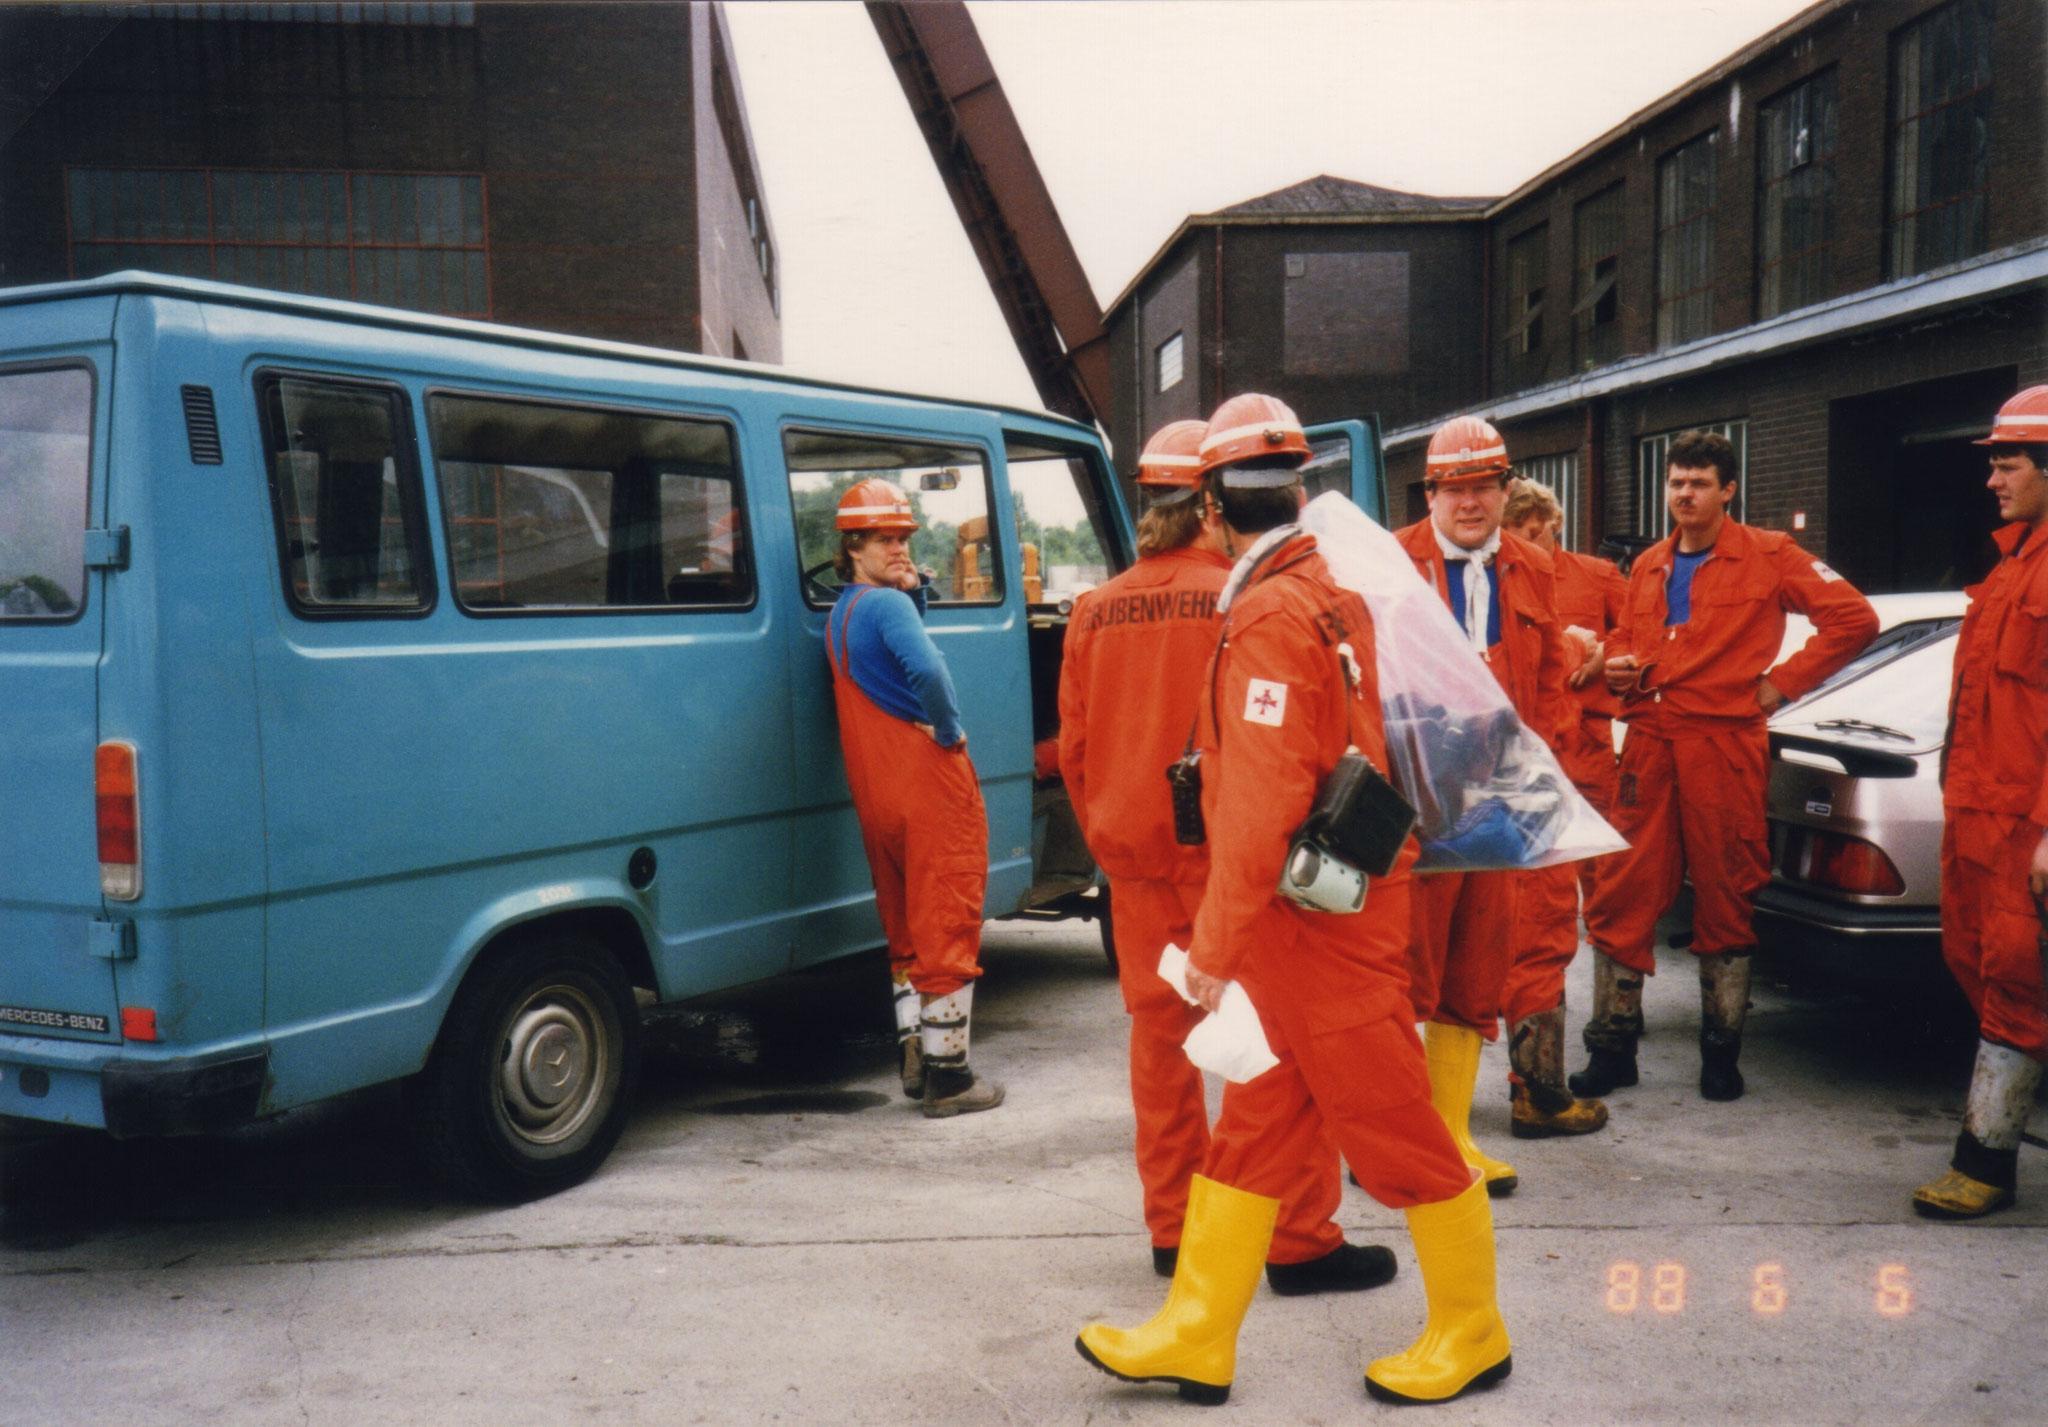 Zentralgrubenwehr, Abfahrt aus Herne